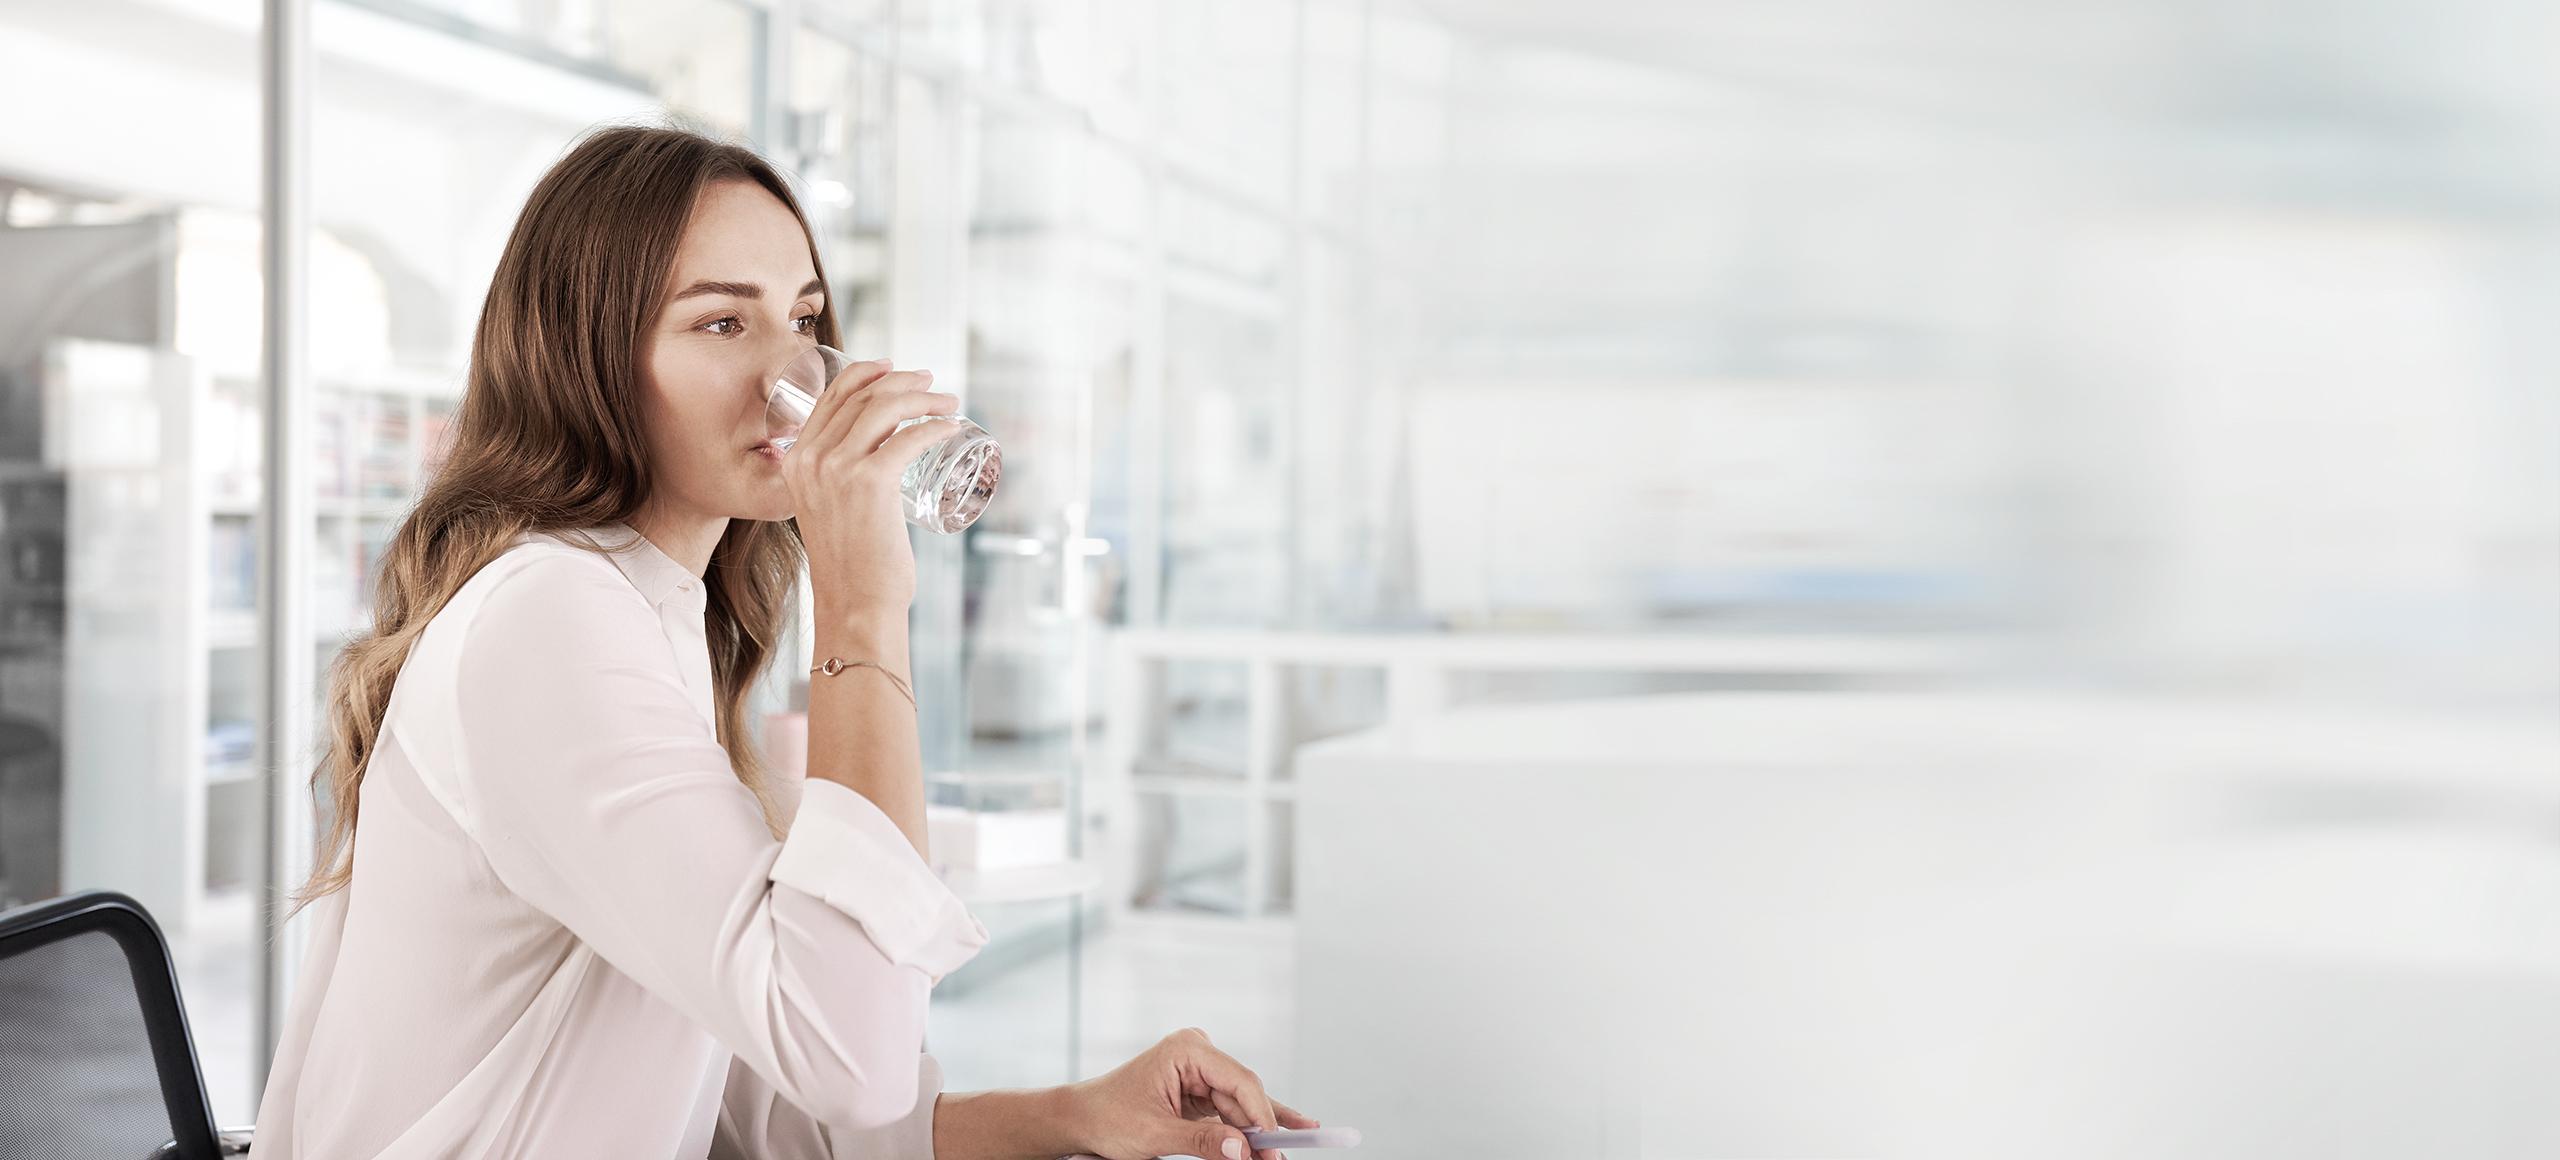 BRITA dispenser accessories woman drinking